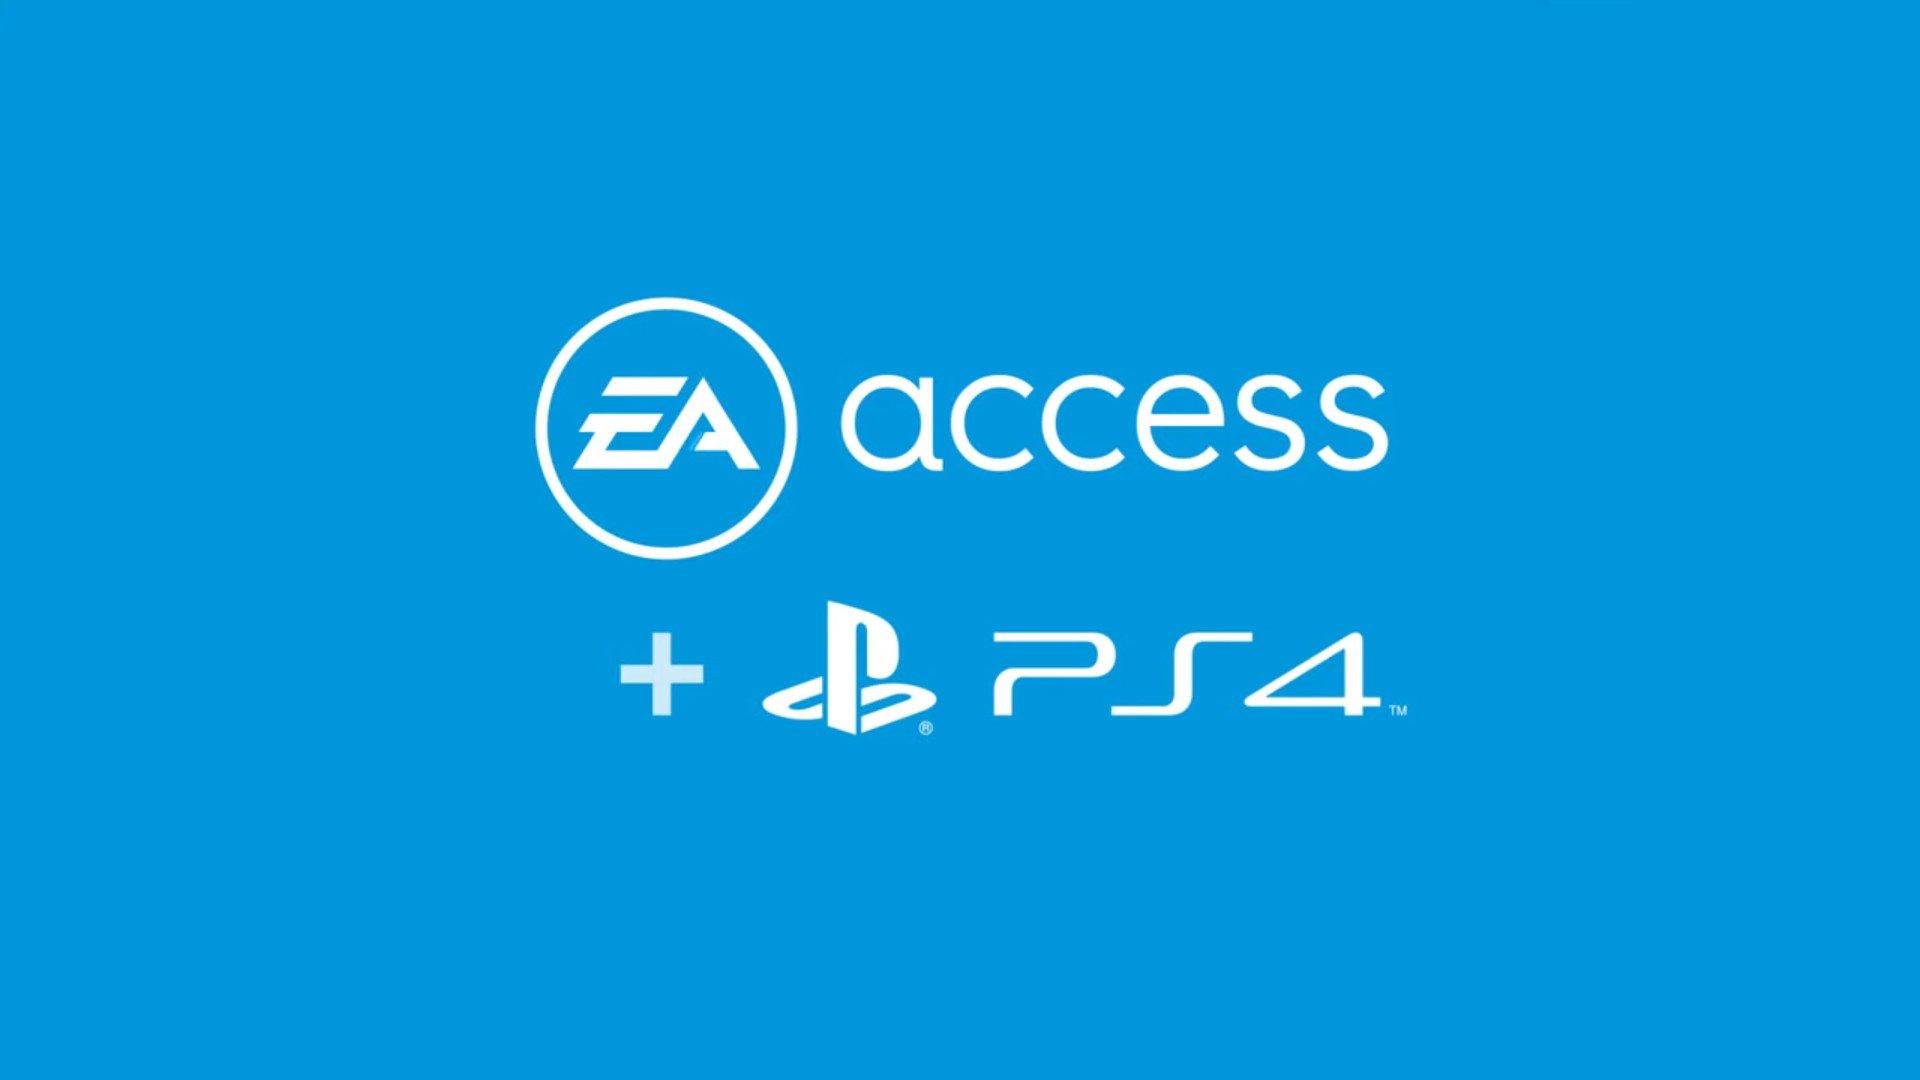 EA Sarbidea PS4rako kaleratu da!  Hemen prezioak!